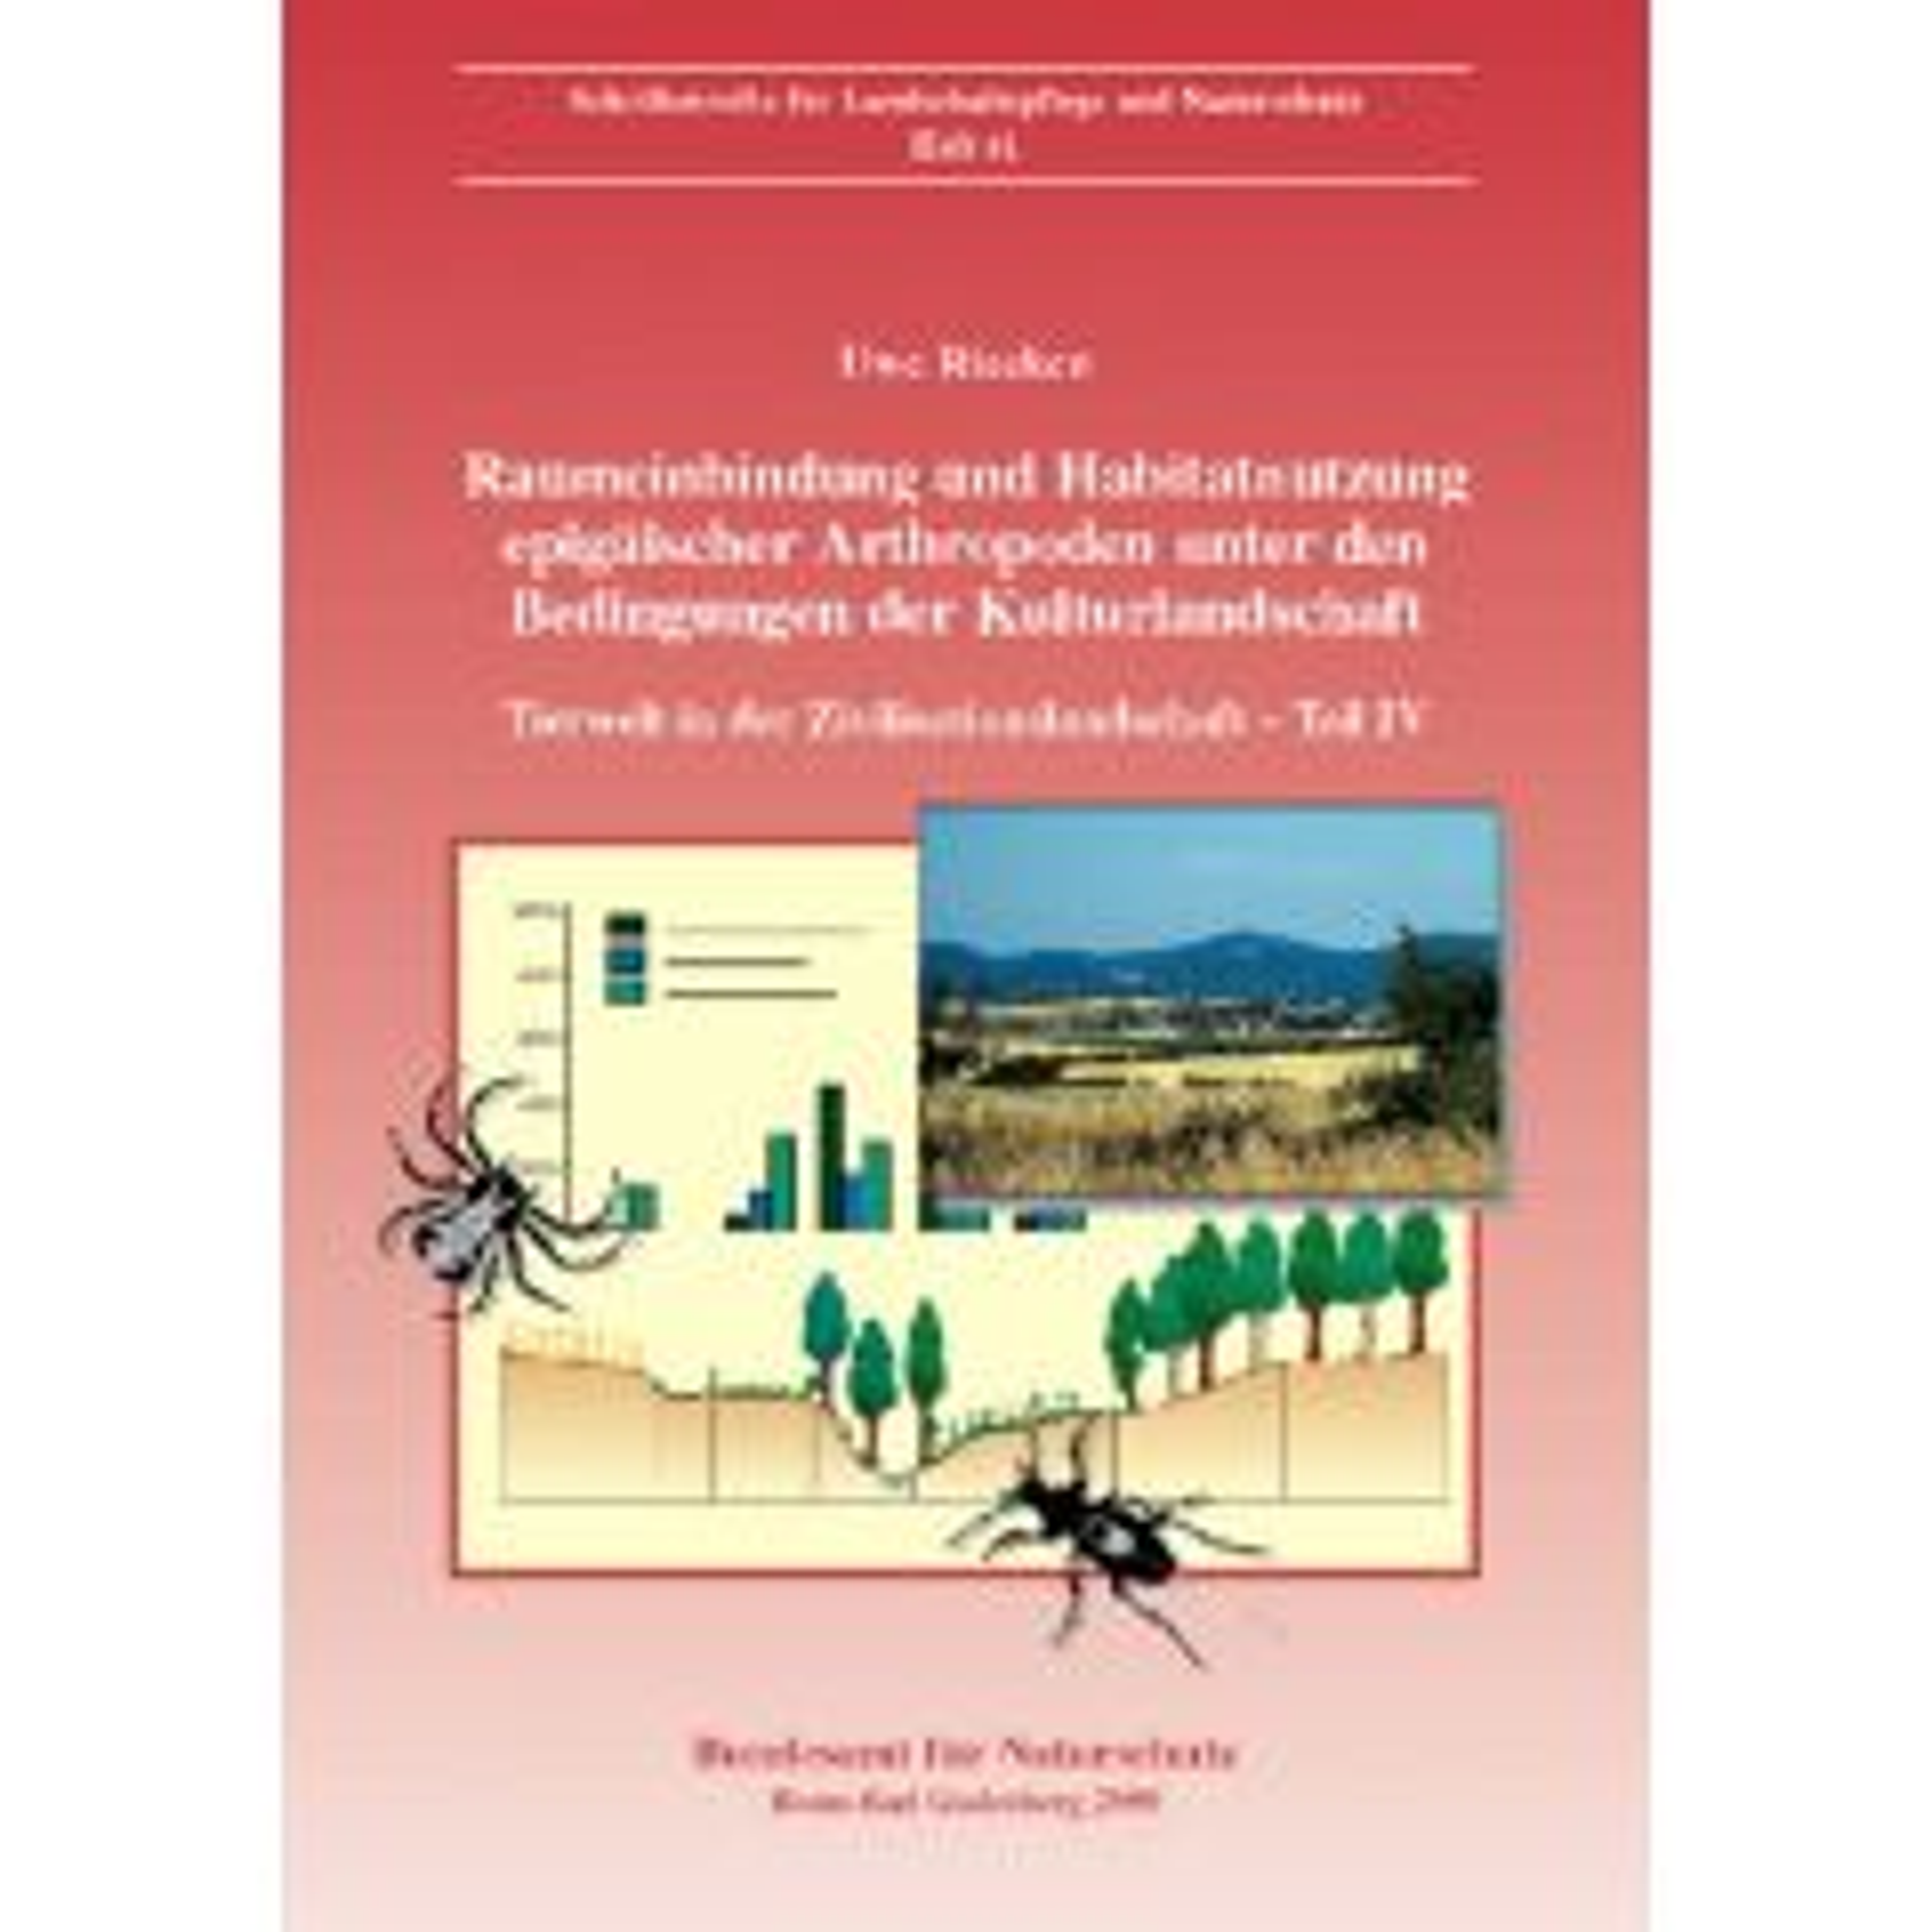 LuN Heft 61: Raumeinbindung und Habitatnutzung epigäischer Arthropoden under den Bedingungen der Kulturlandschaft.